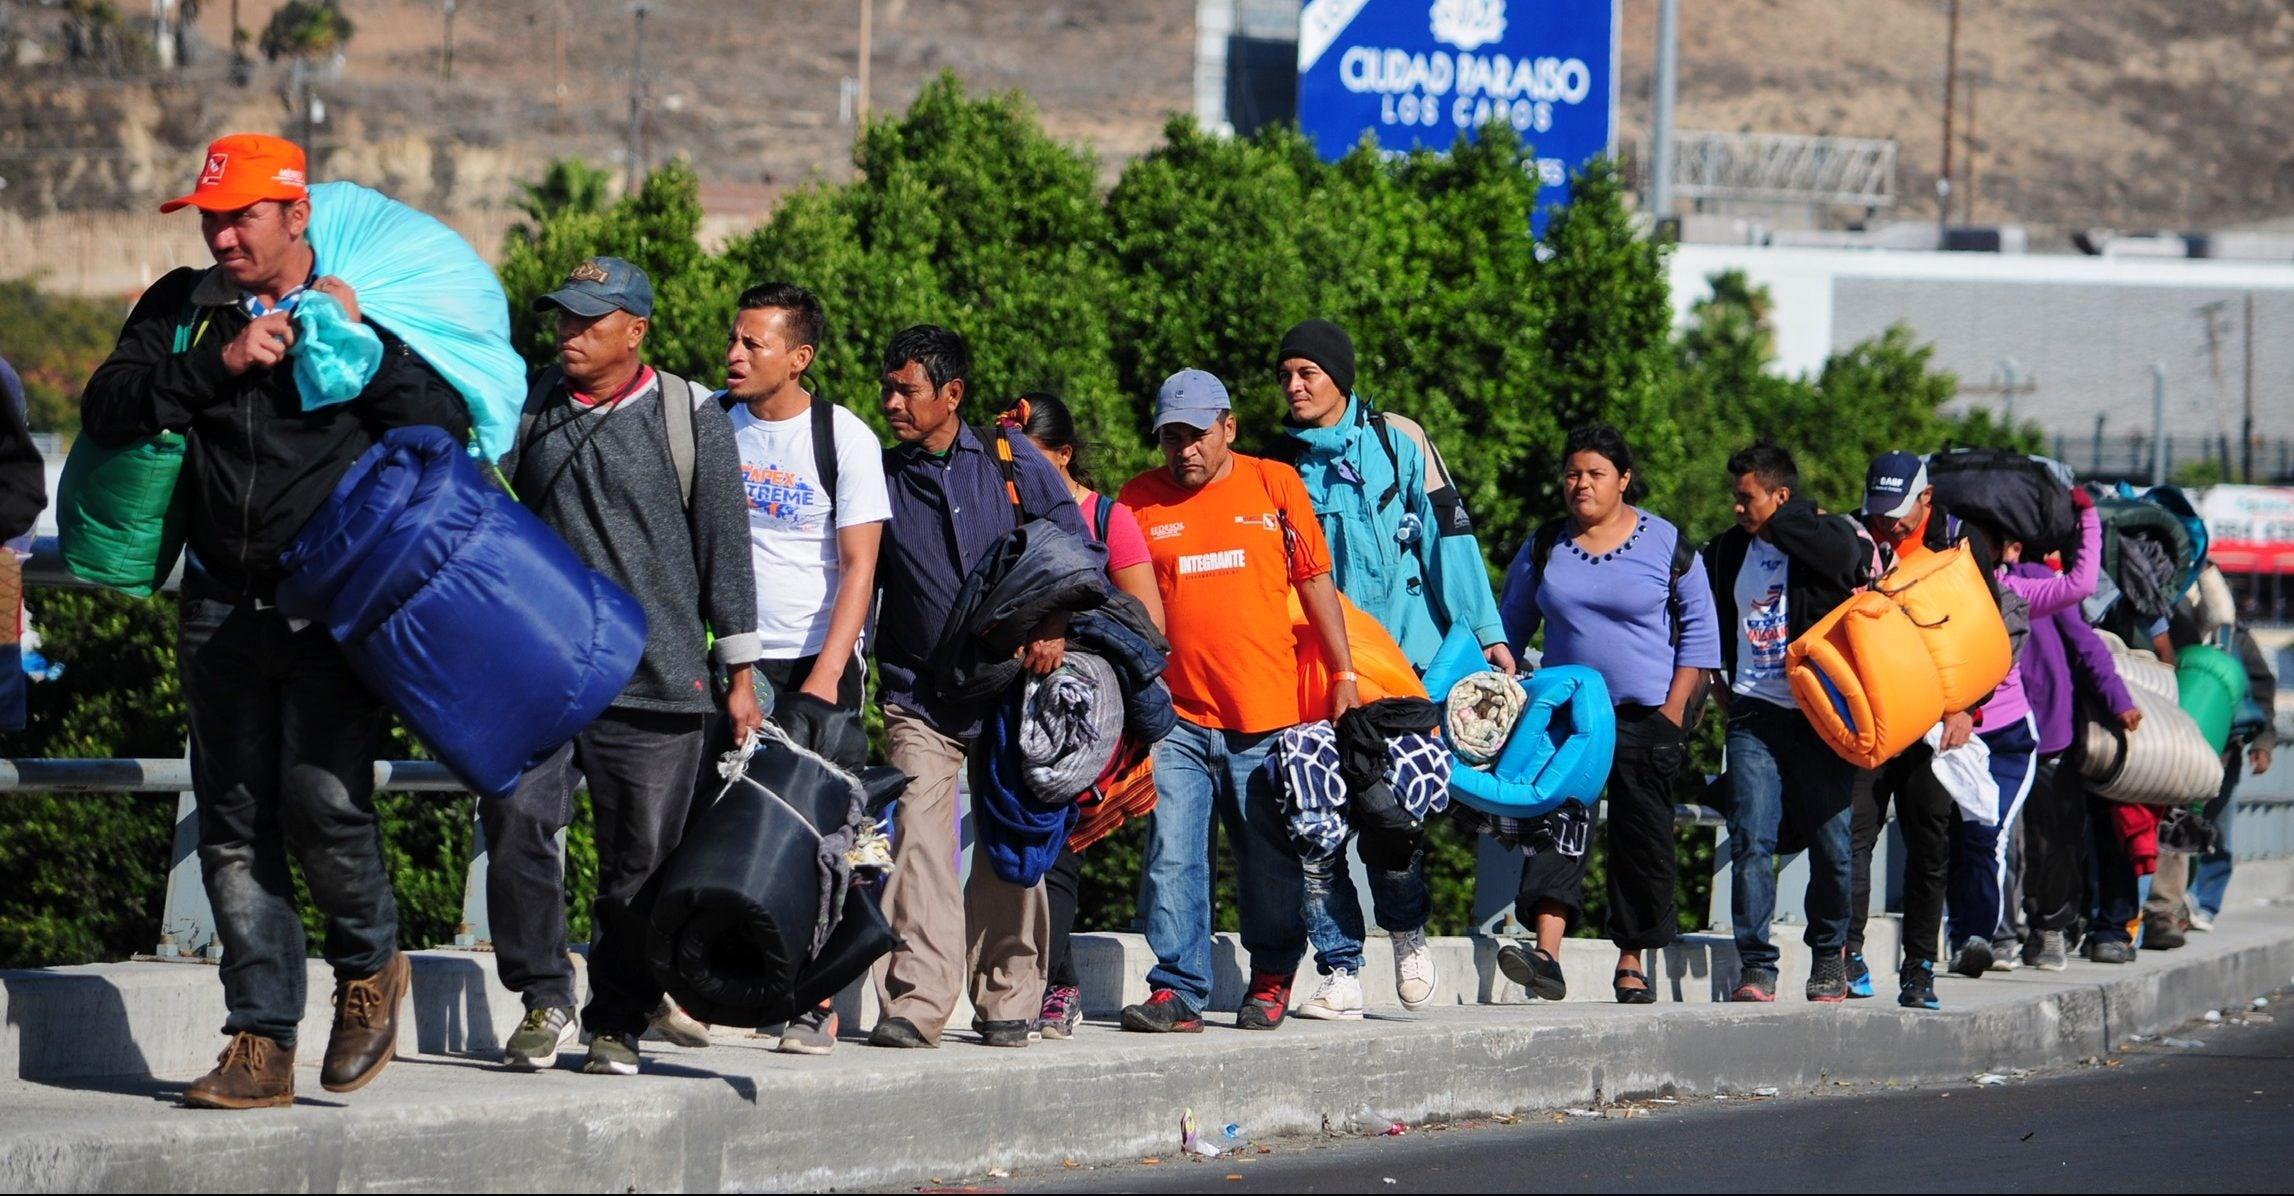 Juez de EEUU bloquea regla de «tercer país seguro» para quienes piden asilo